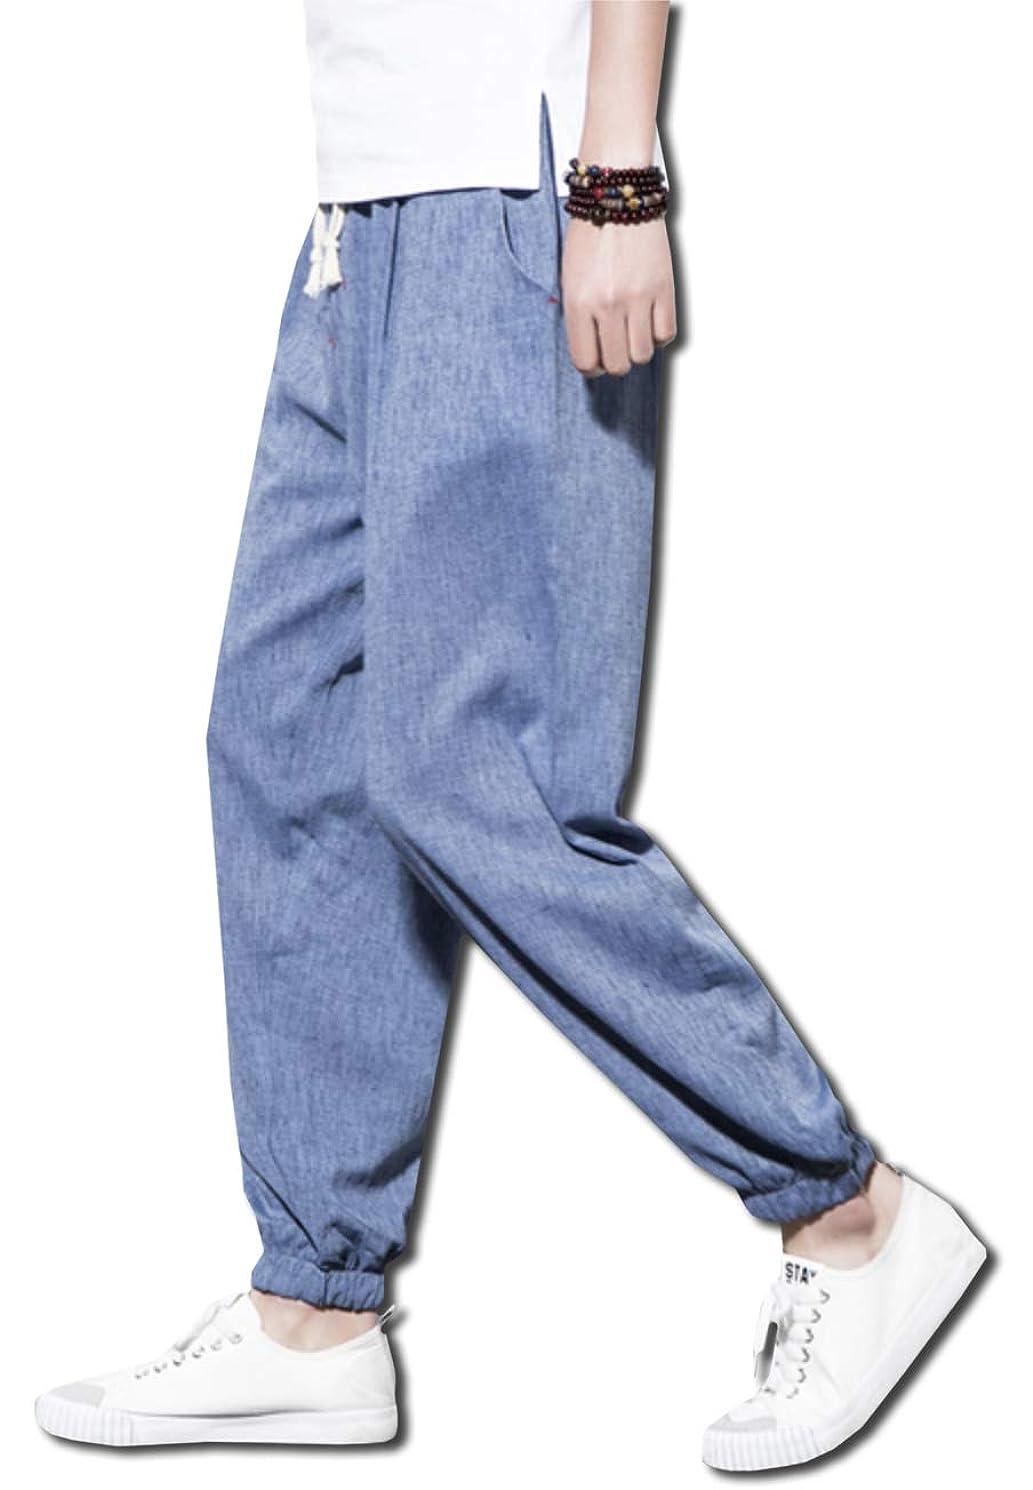 教室レプリカ獣[ボルソ] サルエル 麻 ワイド パンツ カジュアル メンズ (ブラック、ブルー、グレー、ライトグレー) L ~ XXXL